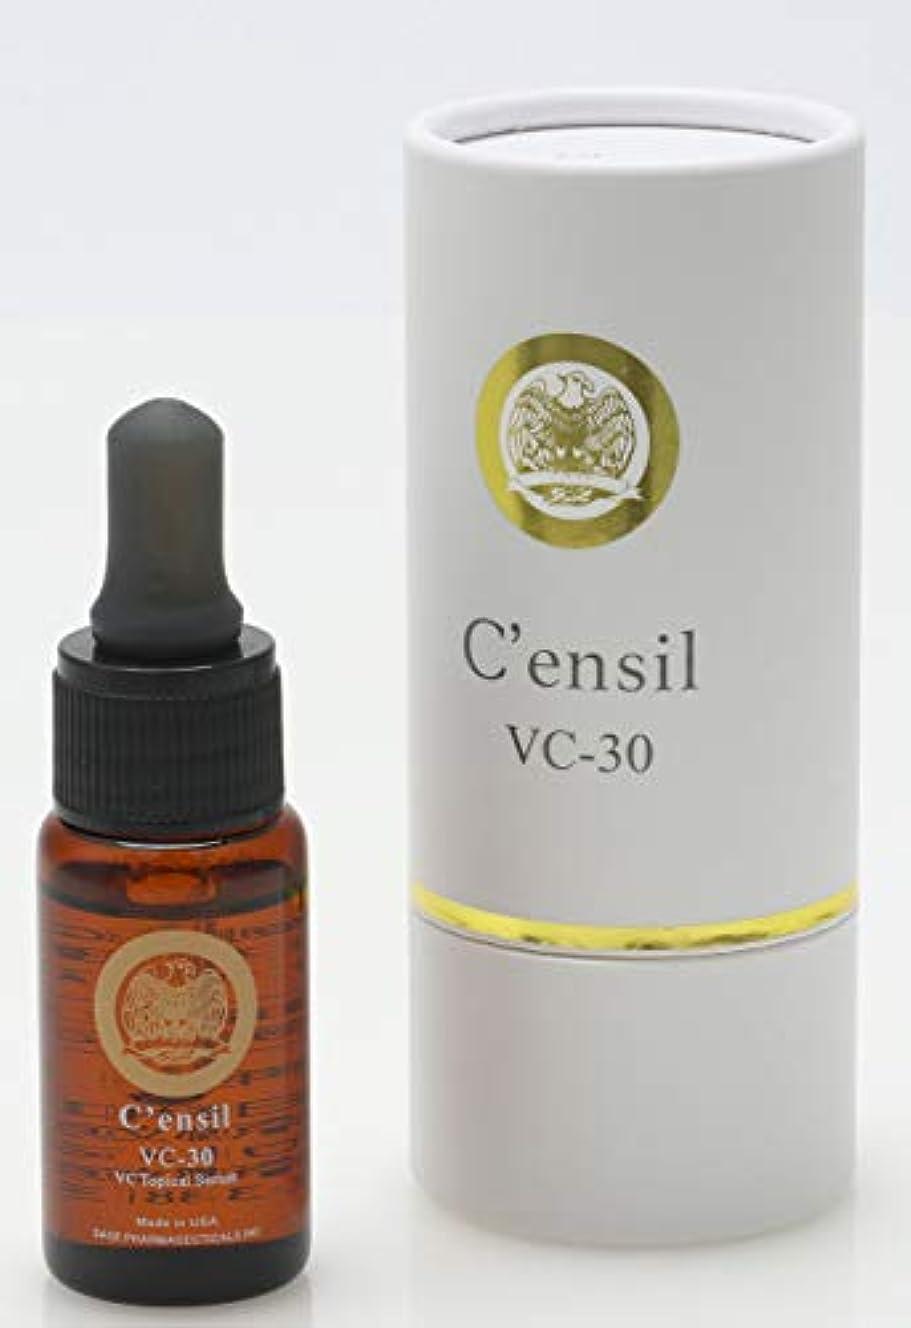 焦がす期間体操センシル C'ensil VC-30:12ml (美容液)